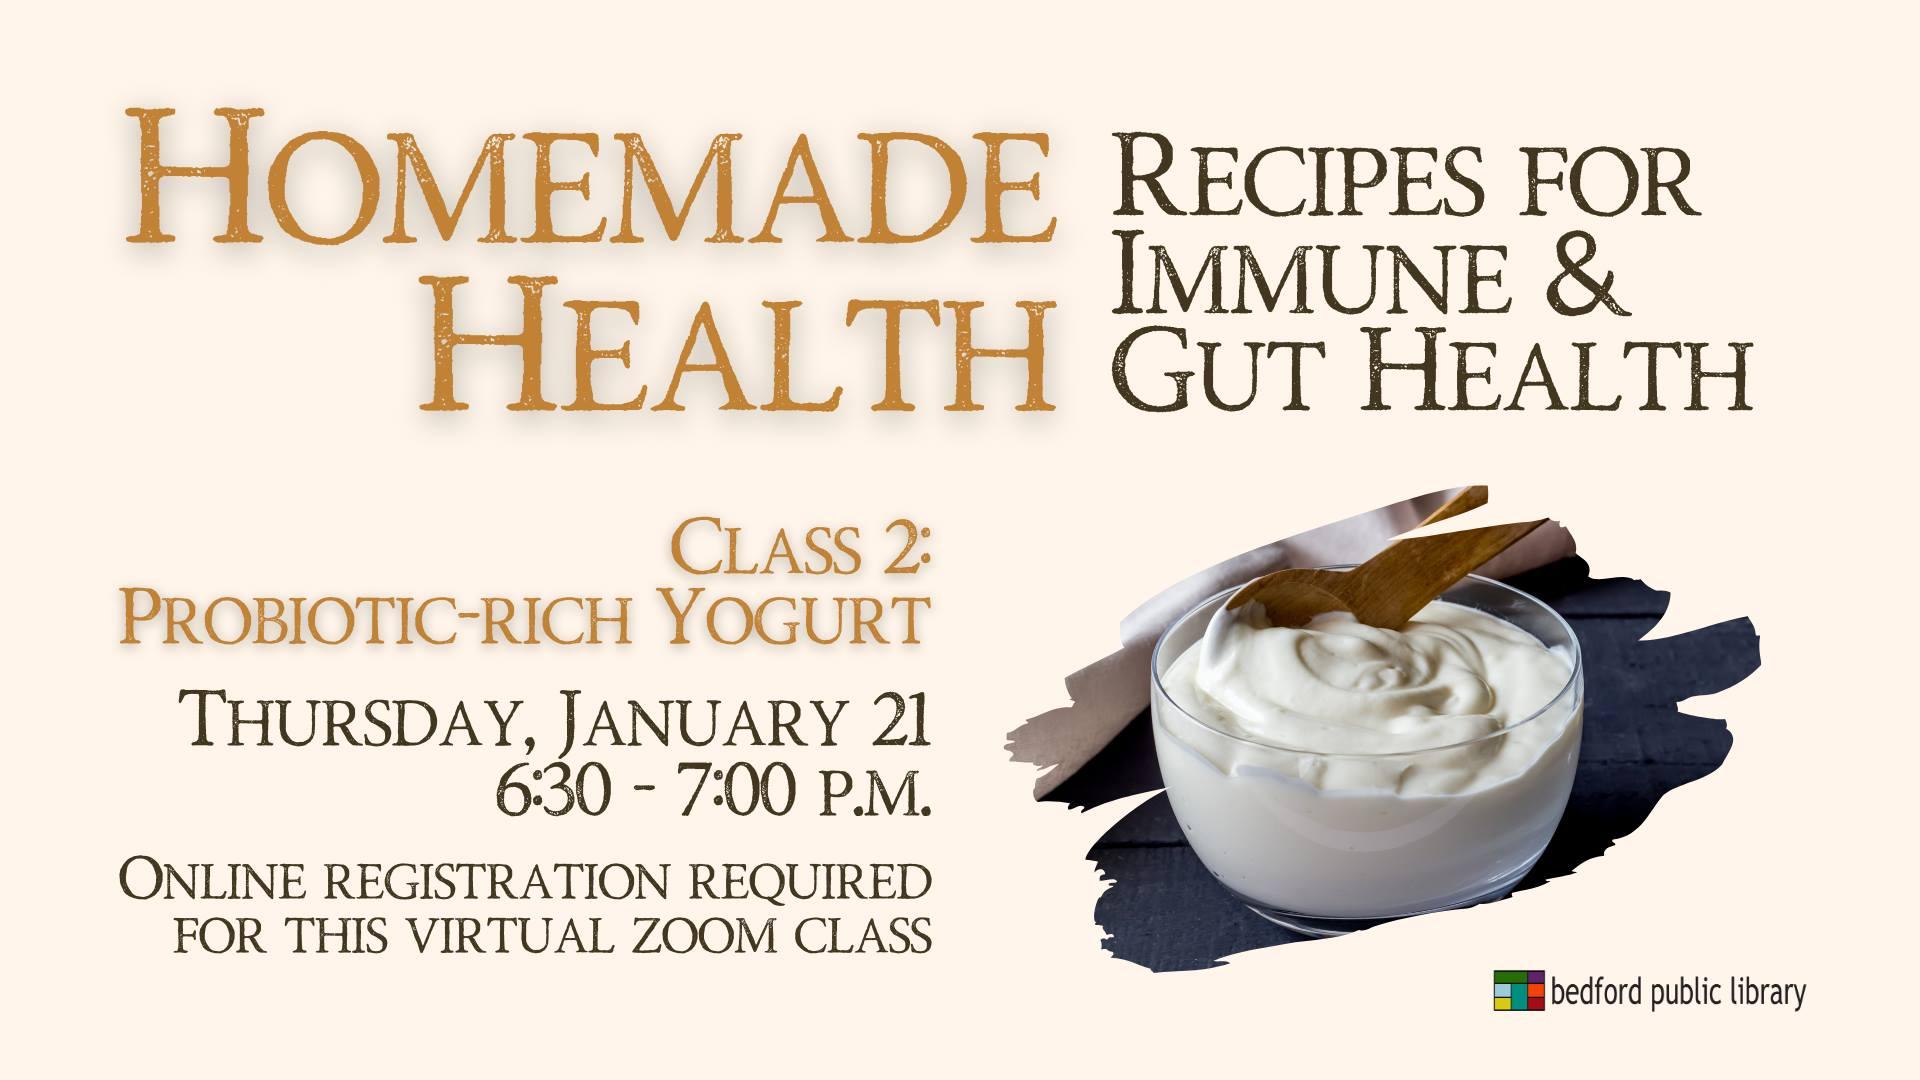 Homemade Health: Yogurt